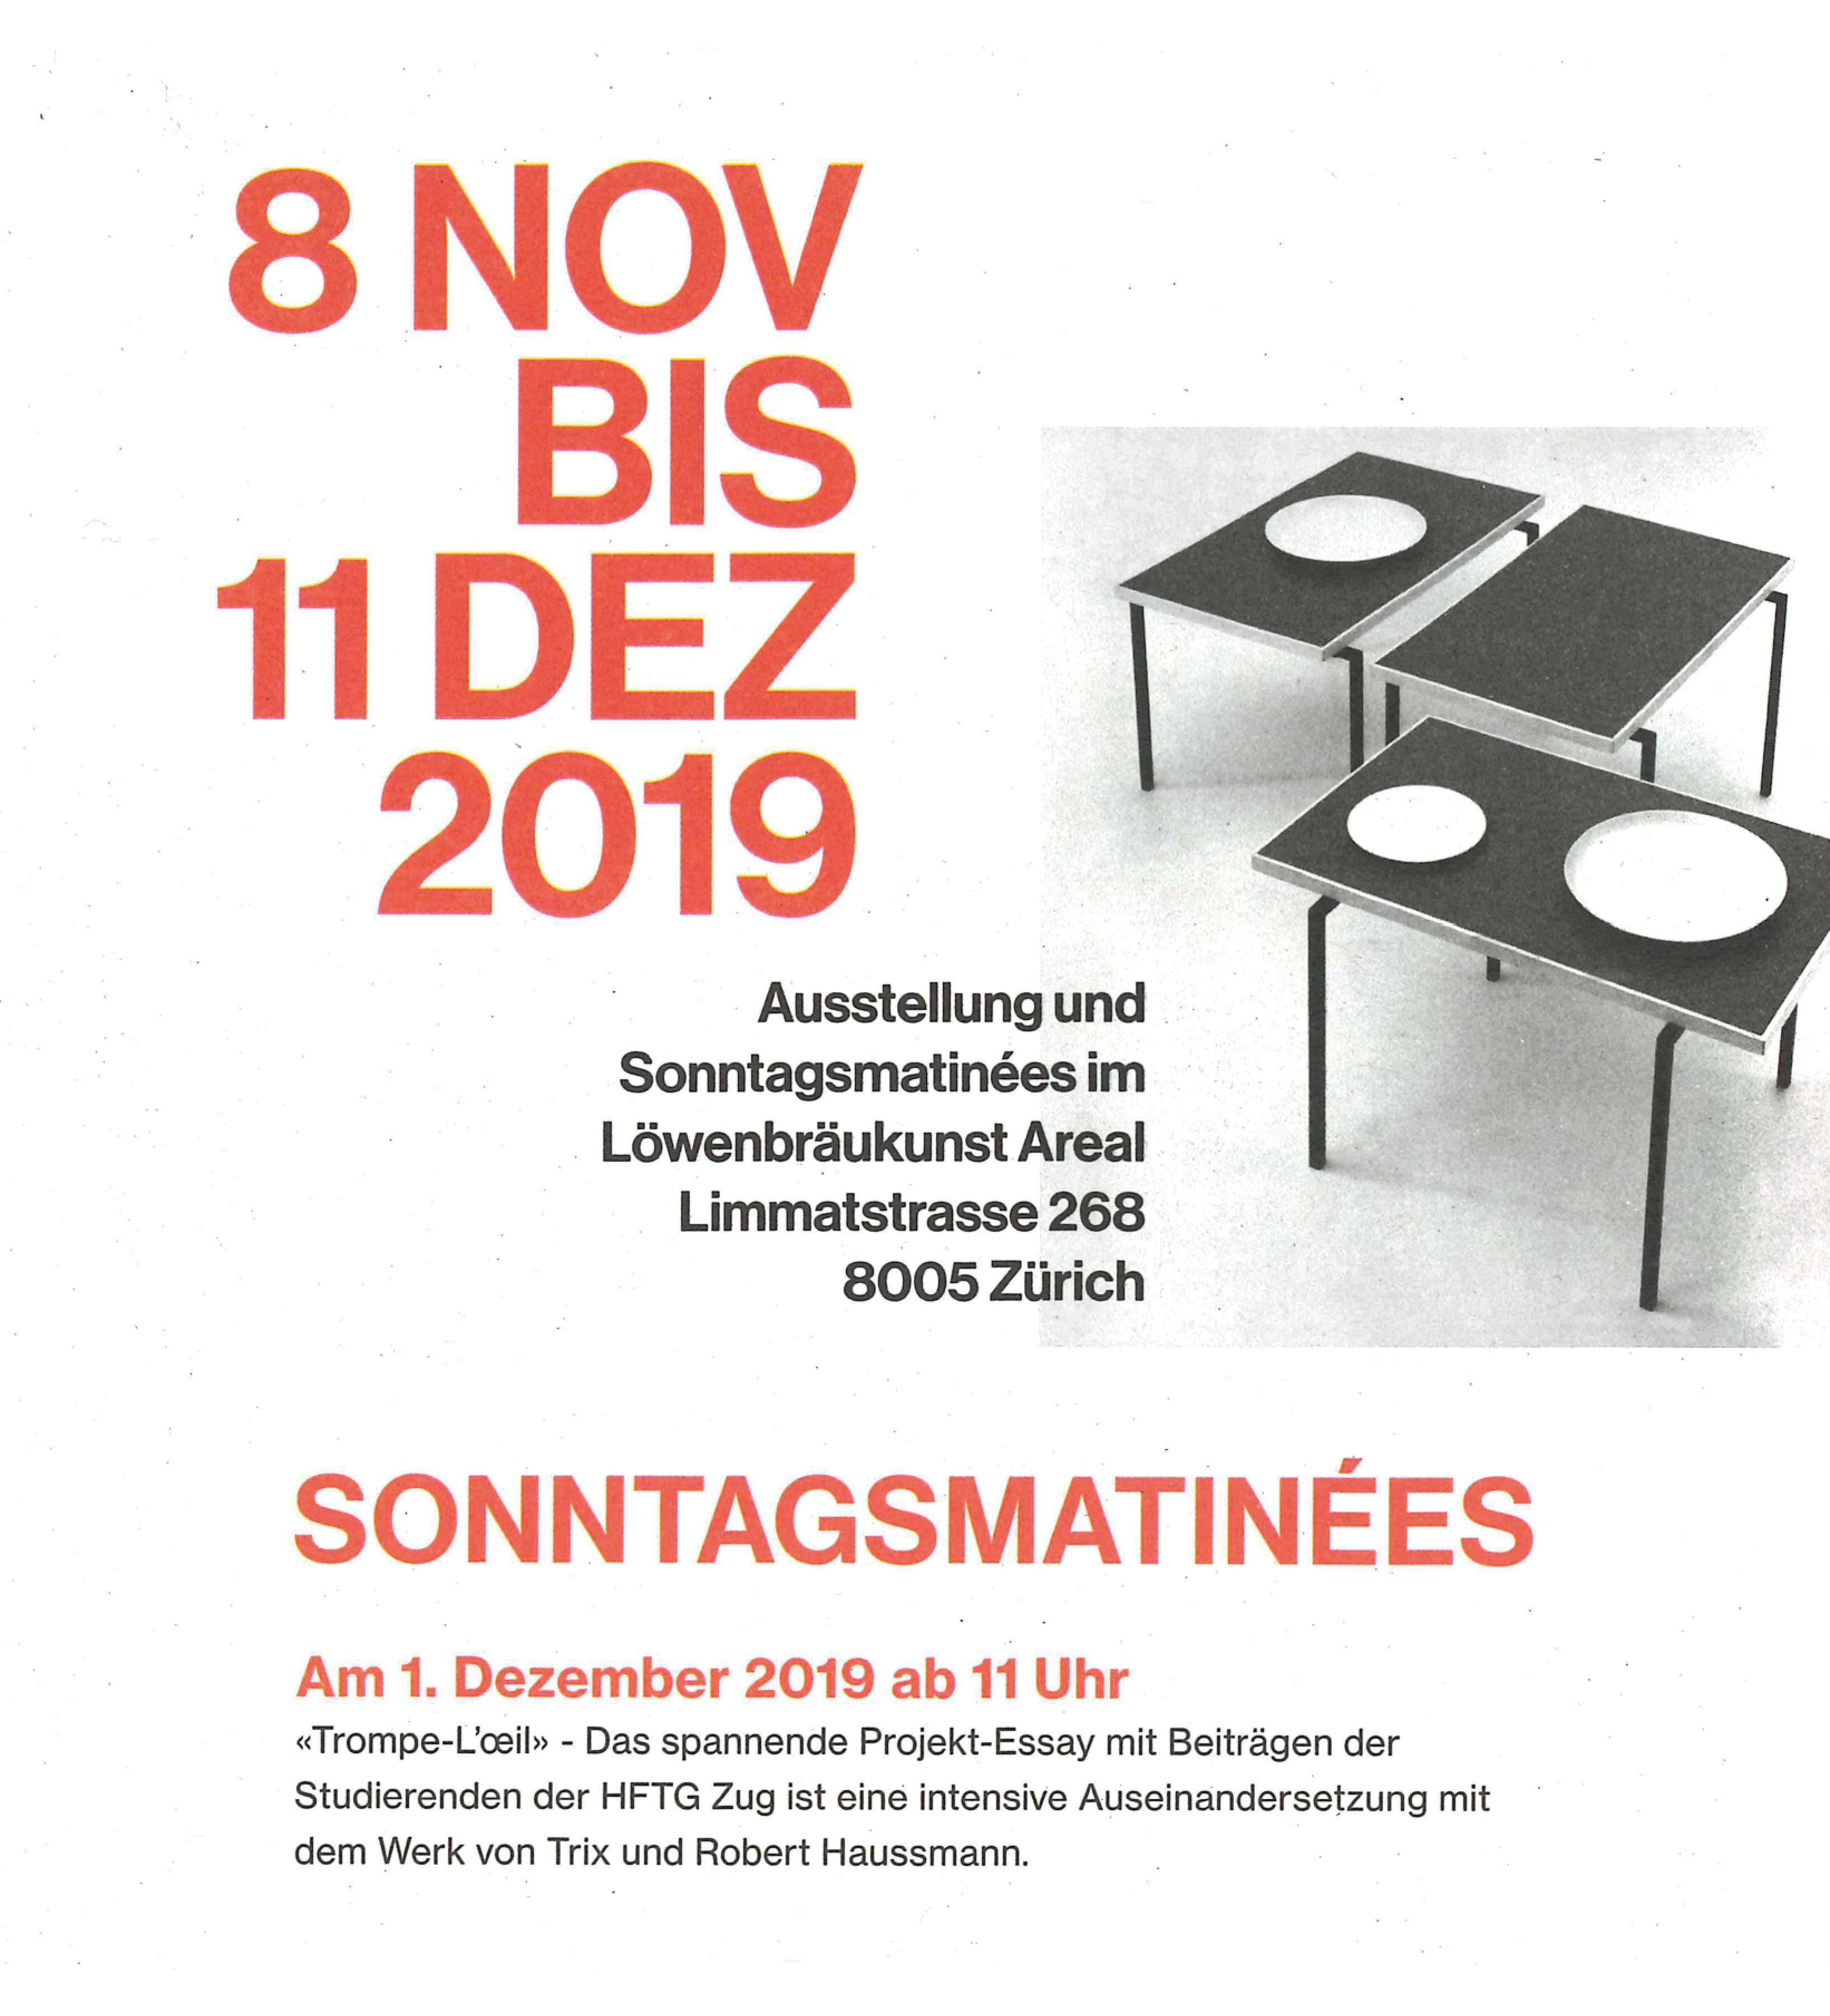 Flyer zur Ausstellung, Sonntagsmatinée